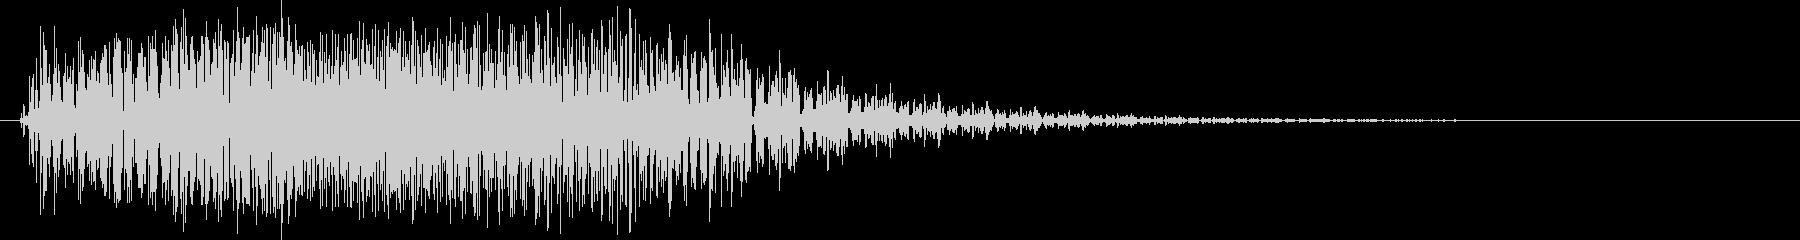 ギュイン。ロボット・機械動作音(短め)の未再生の波形